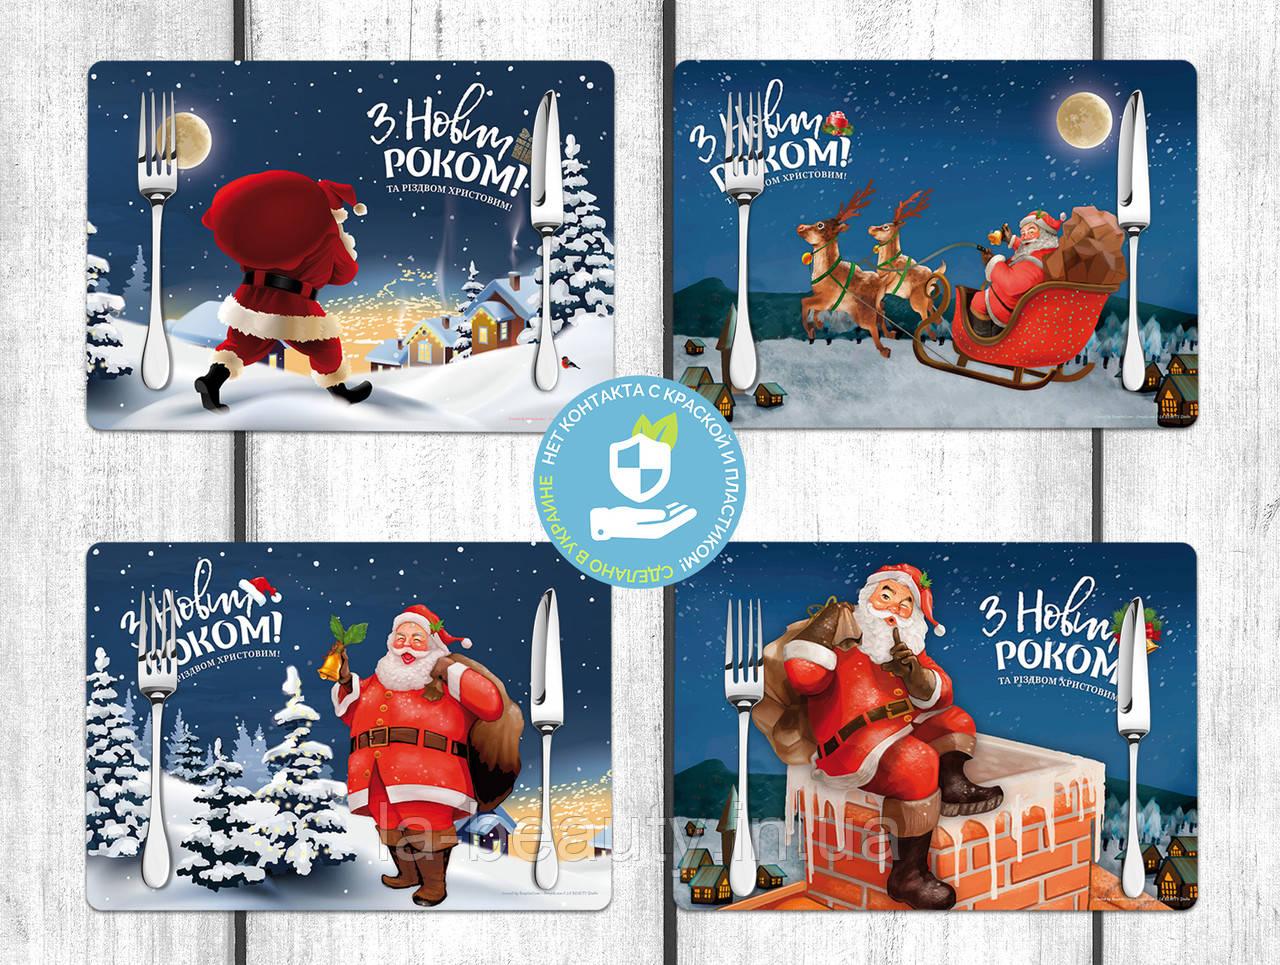 Оригинальные подарки на Новый Год и Рождество, что подарить?